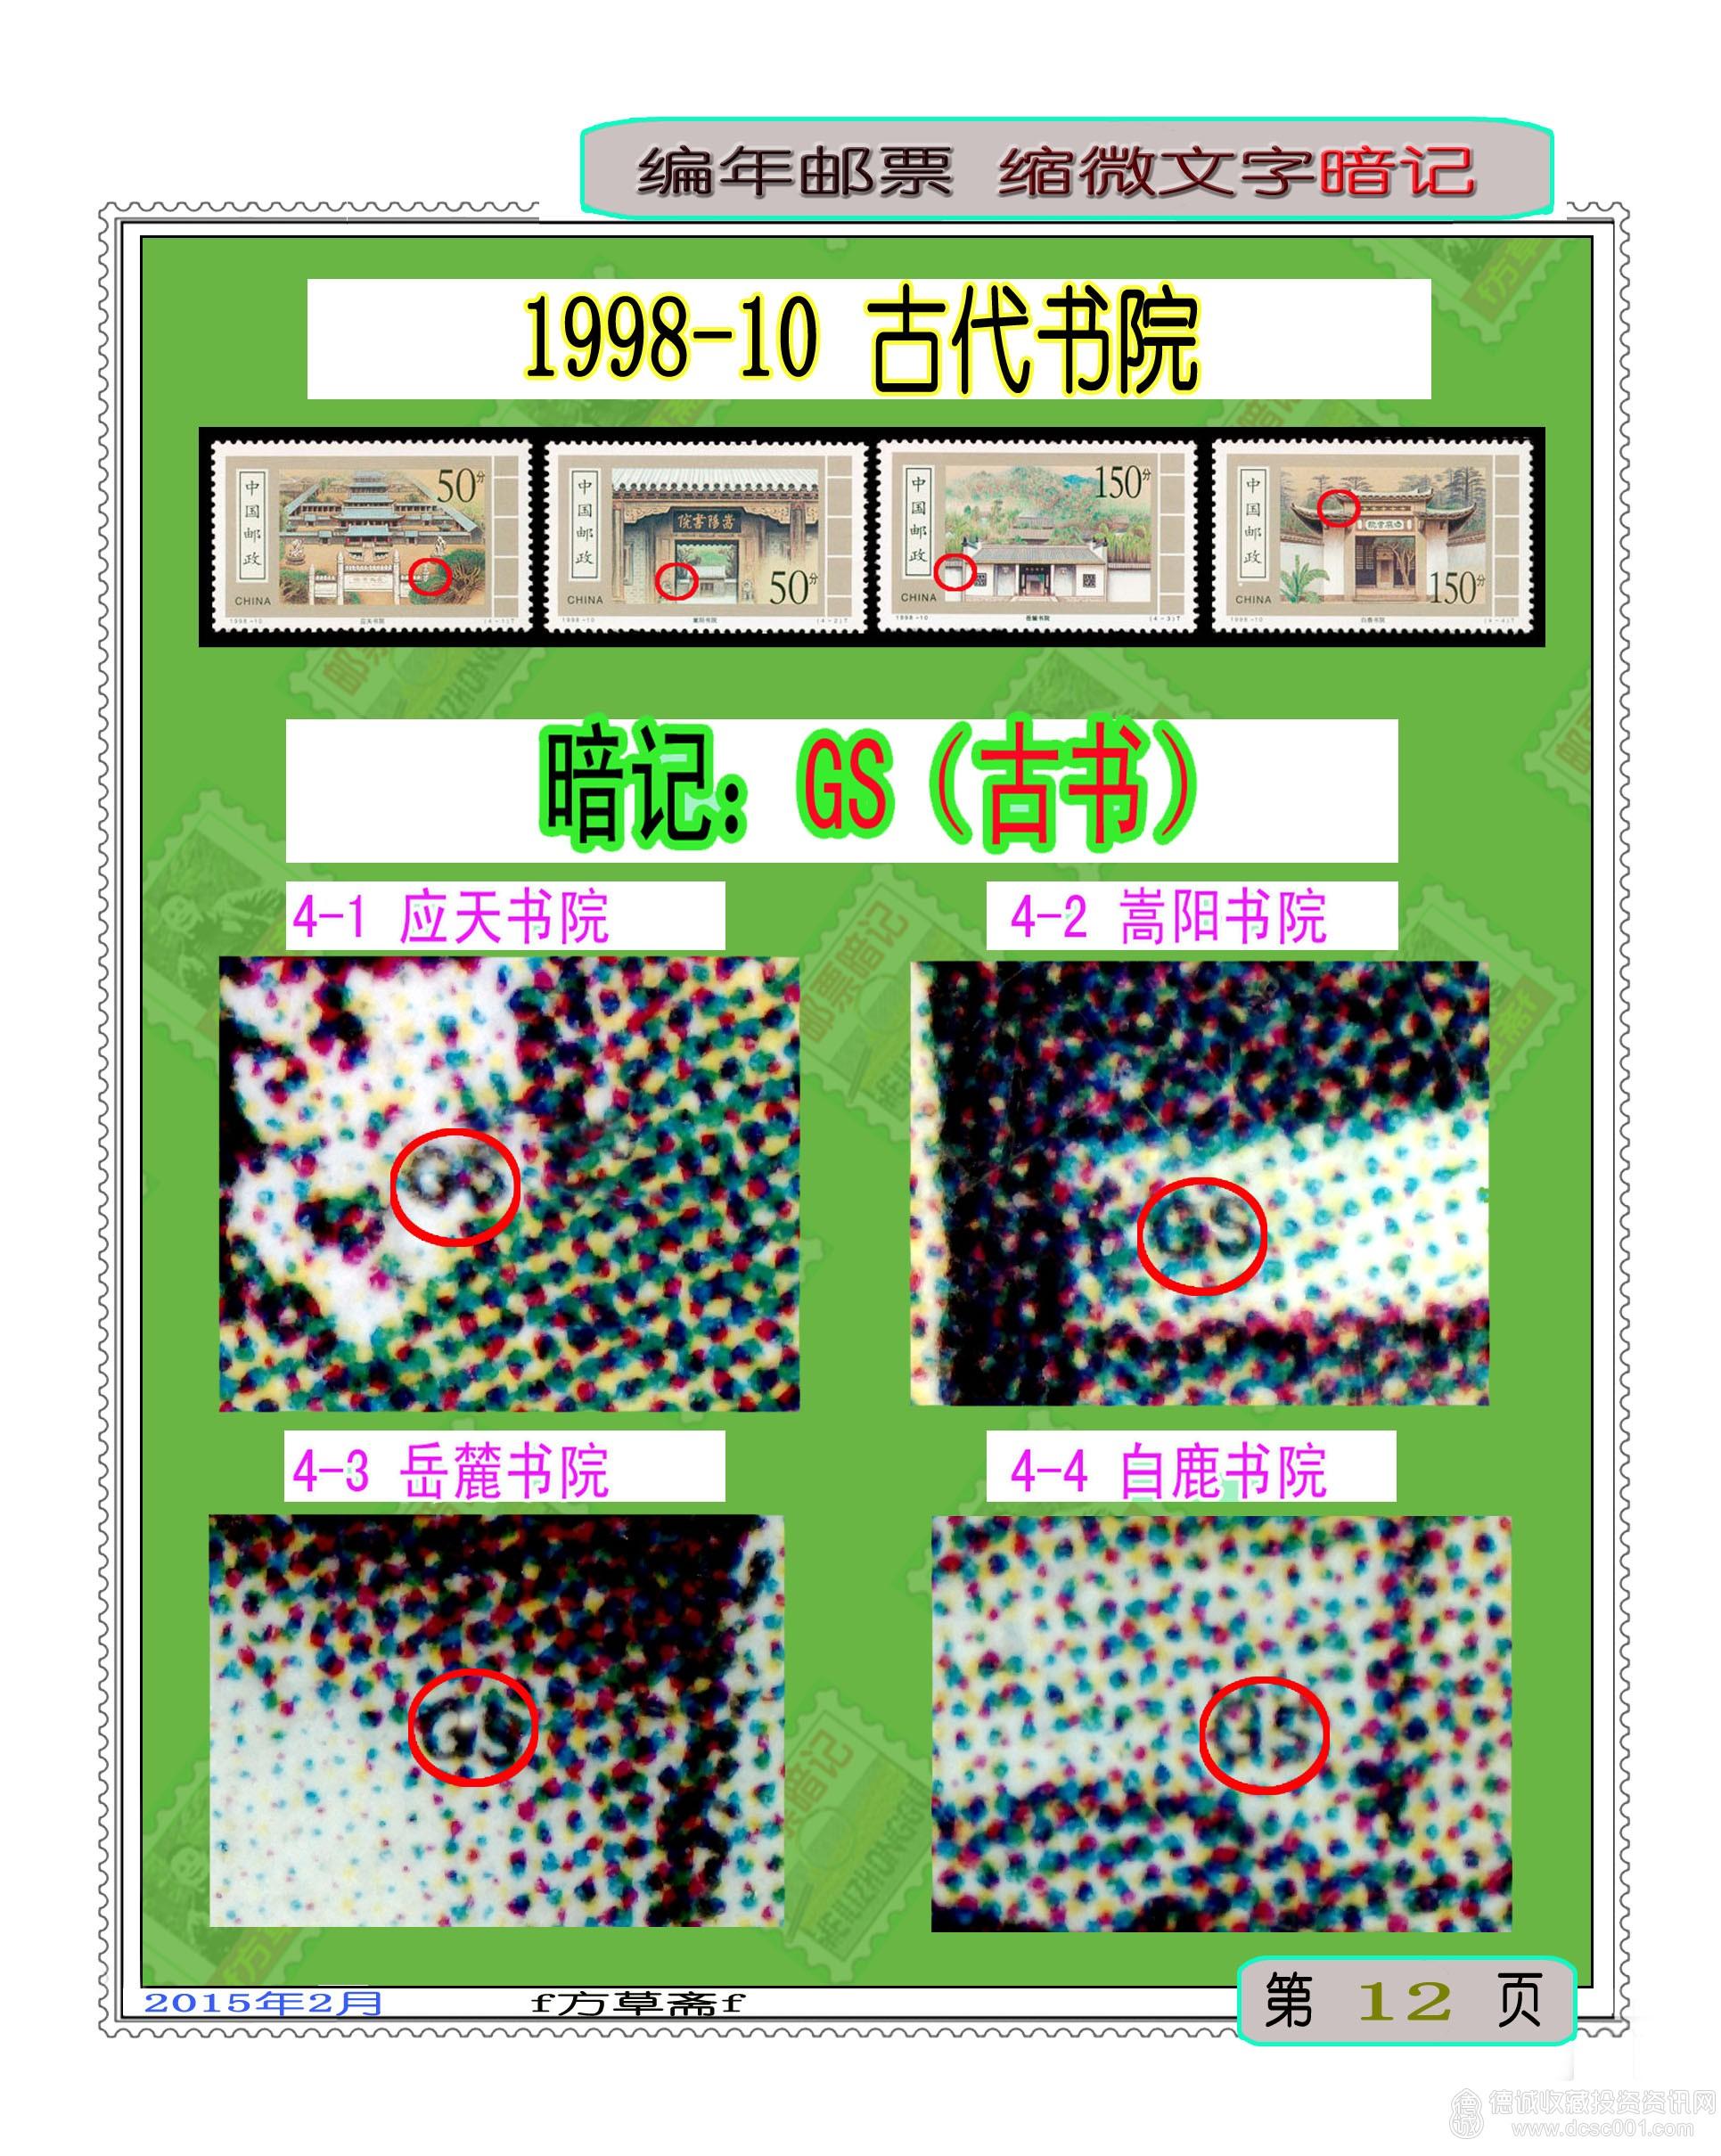 1998-10 古代书院(T).jpg